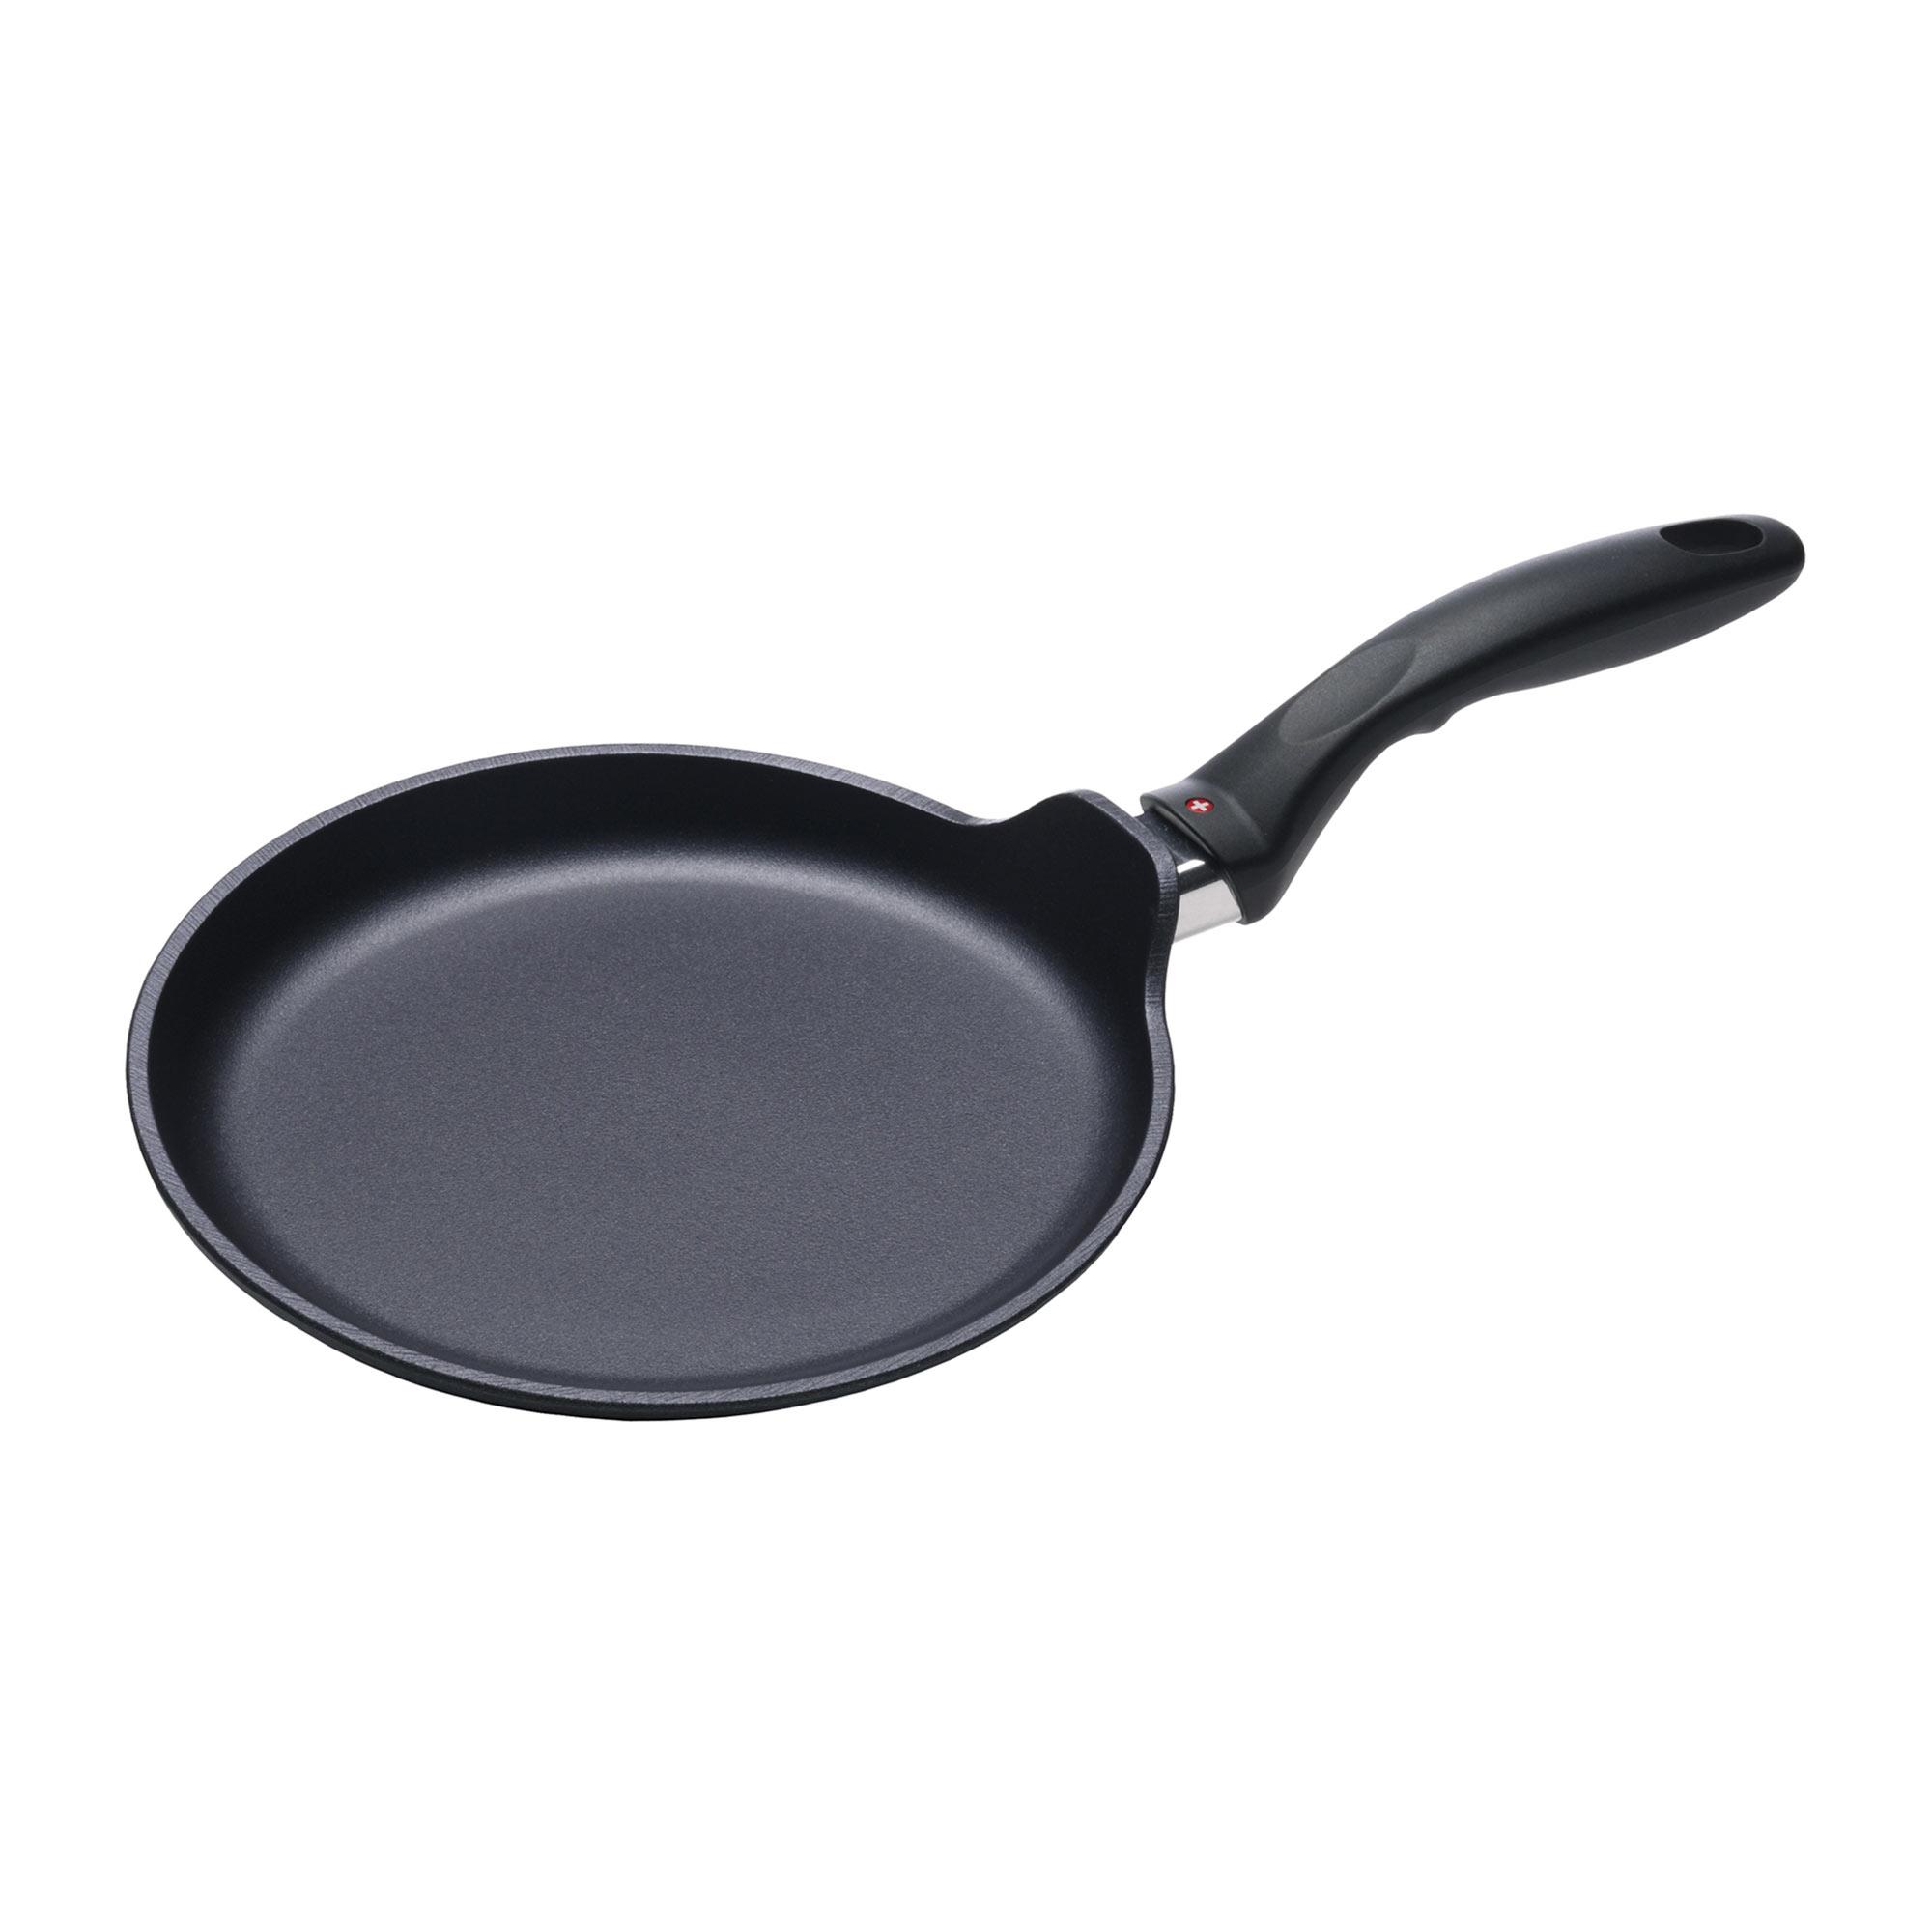 Сковорода блинная Swiss diamond 24 см сковорода d 24 см kukmara кофейный мрамор смки240а